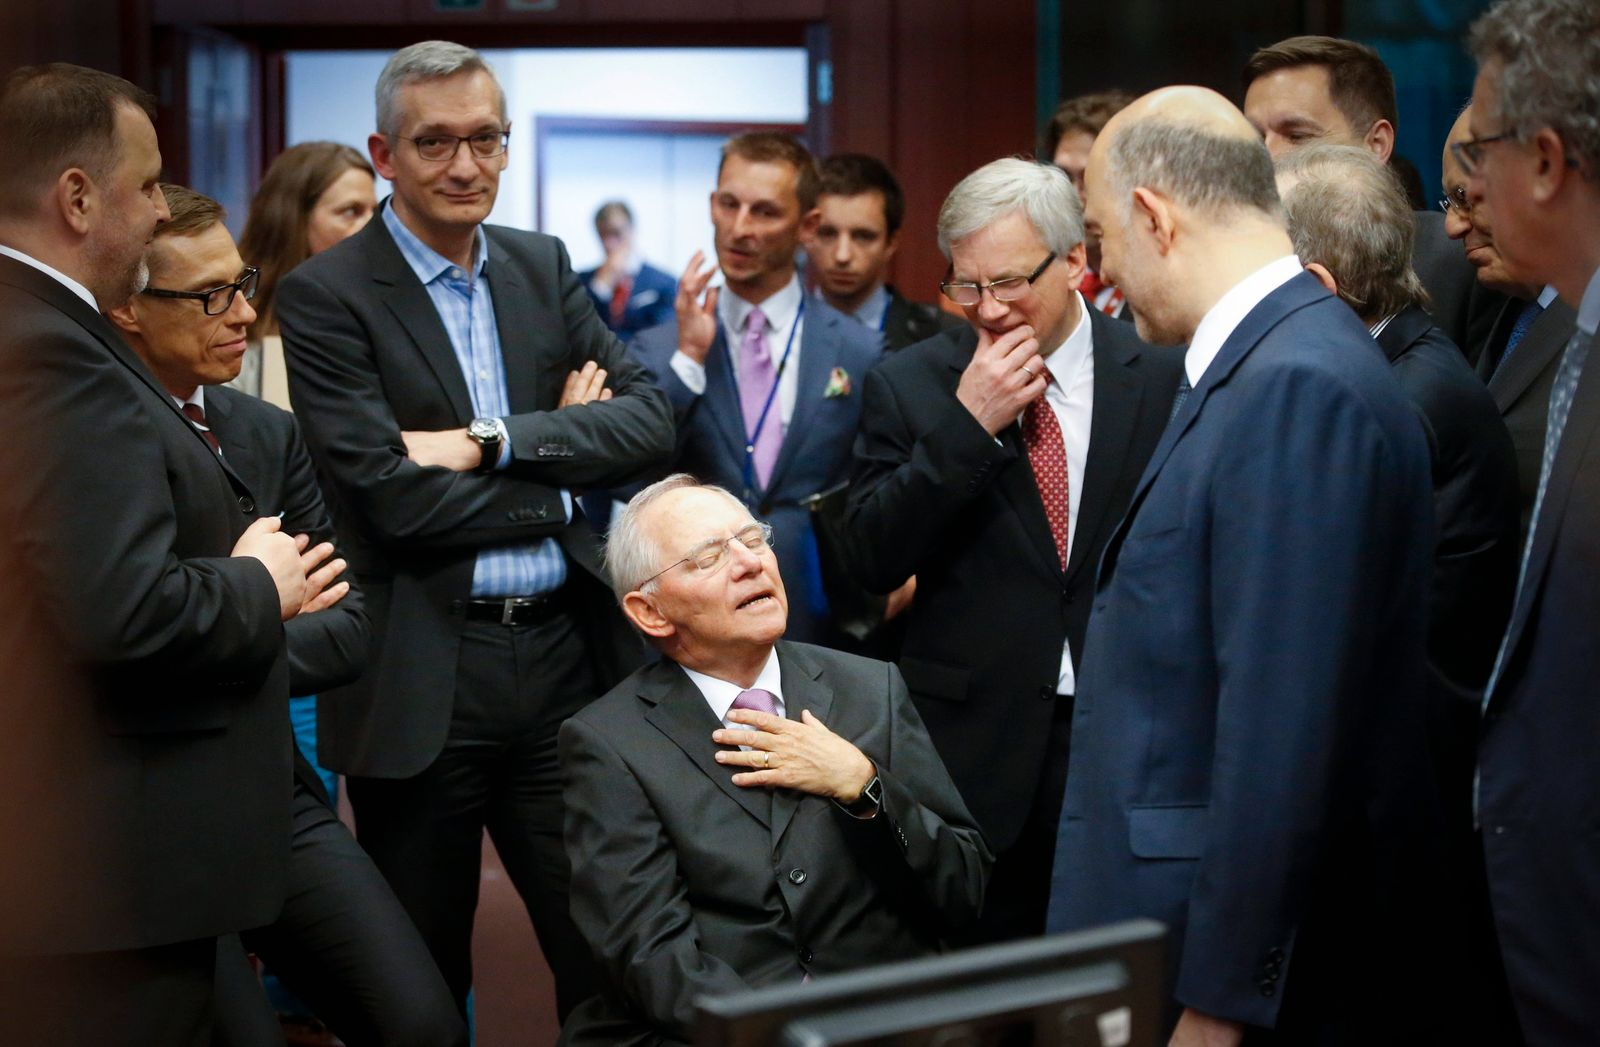 Finanzministertreffen/ Wolfgang Schaeuble